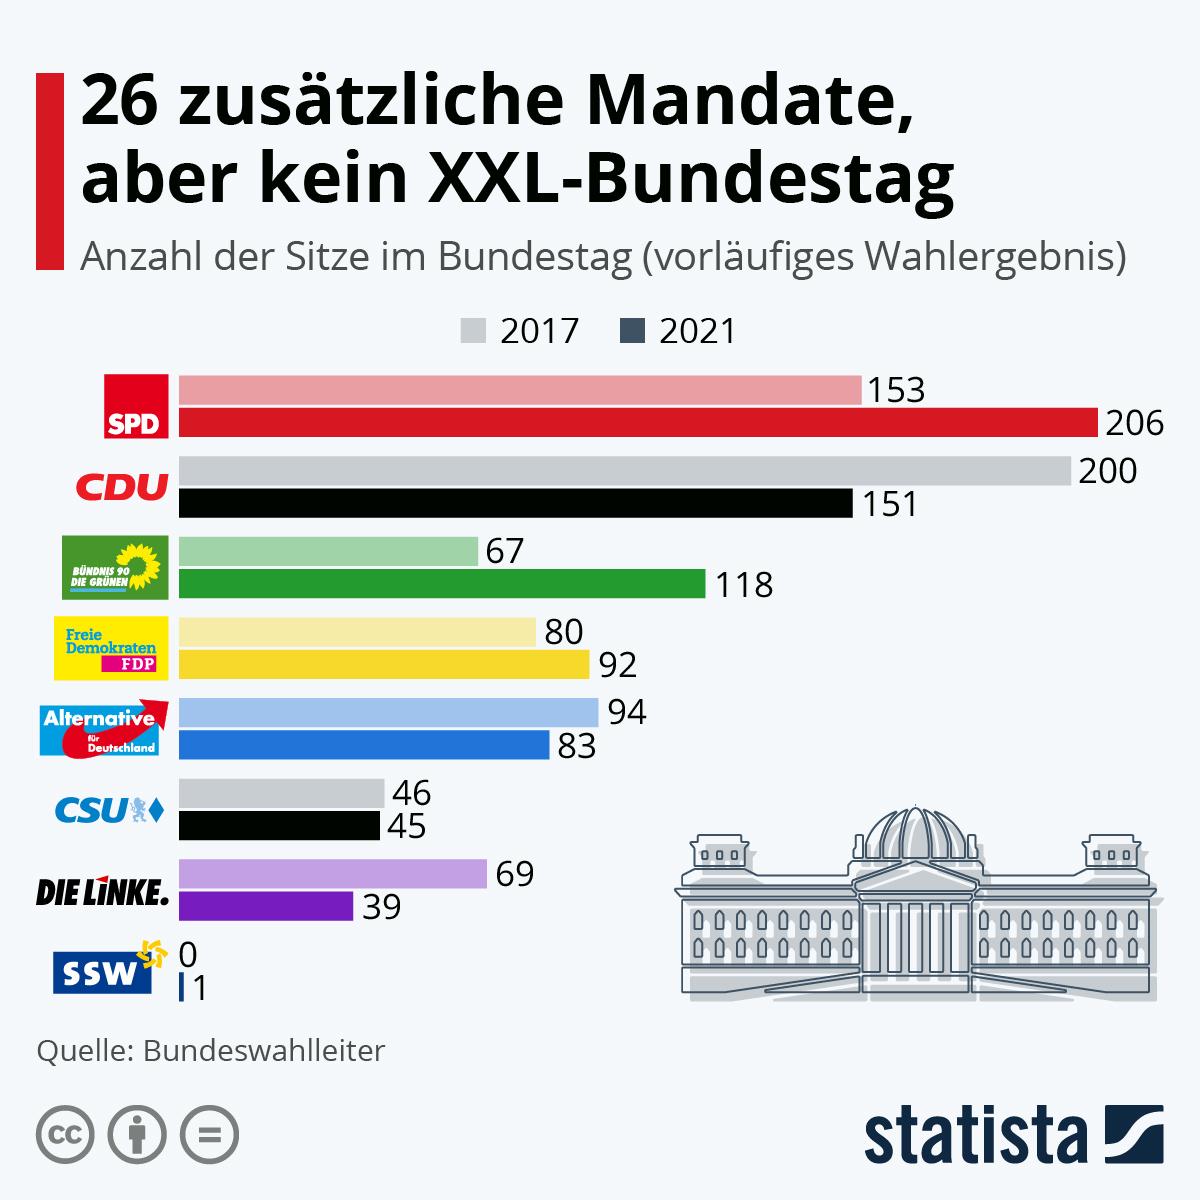 Infografik: 26 zusätzliche Mandate, aber kein XXL-Bundestag | Statista